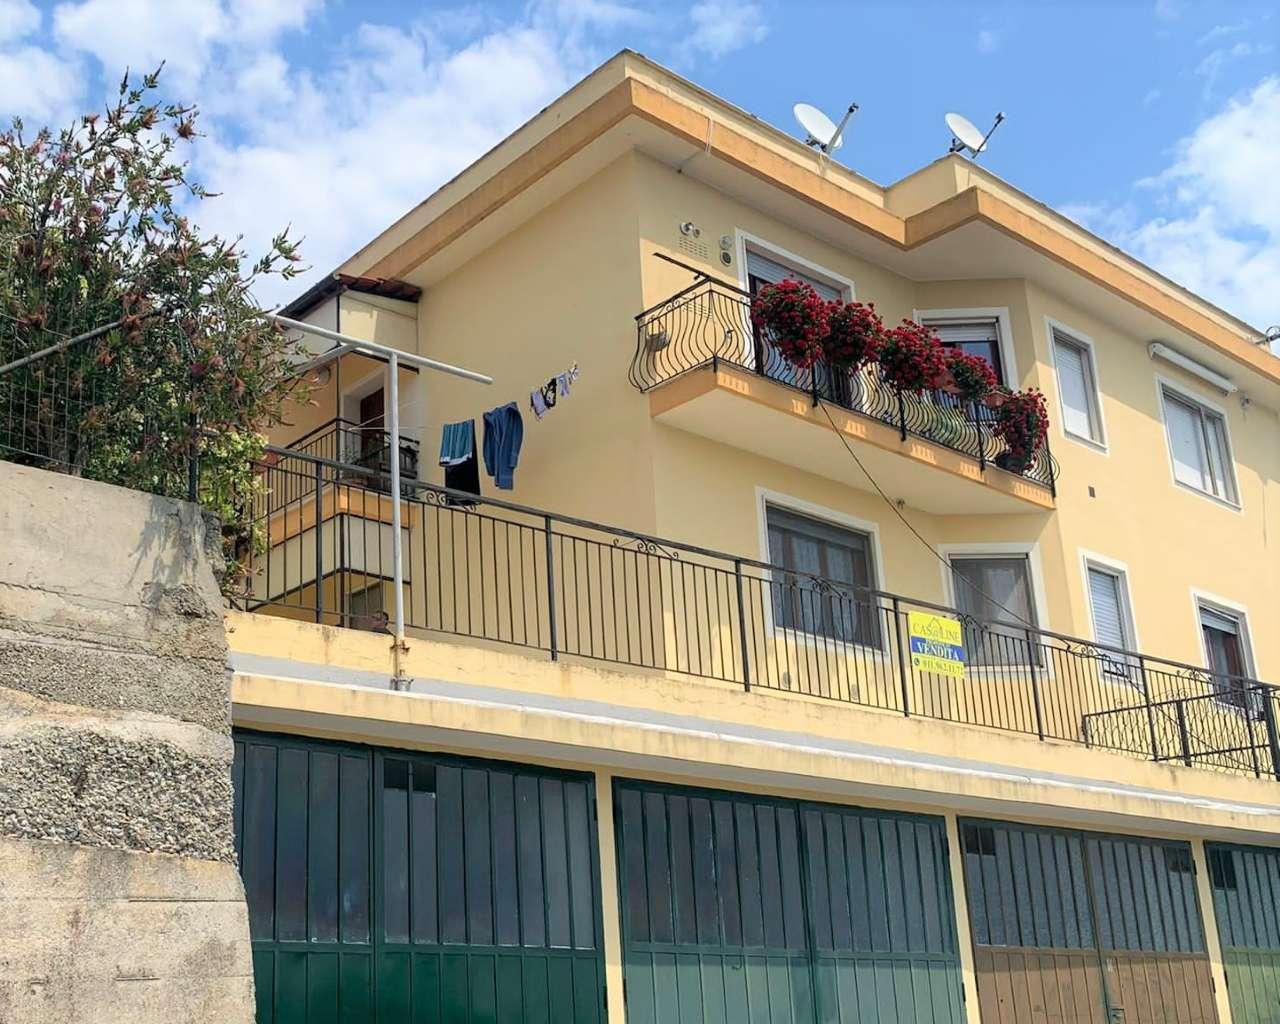 Appartamento in vendita a Cipressa, 3 locali, prezzo € 179.000 | CambioCasa.it